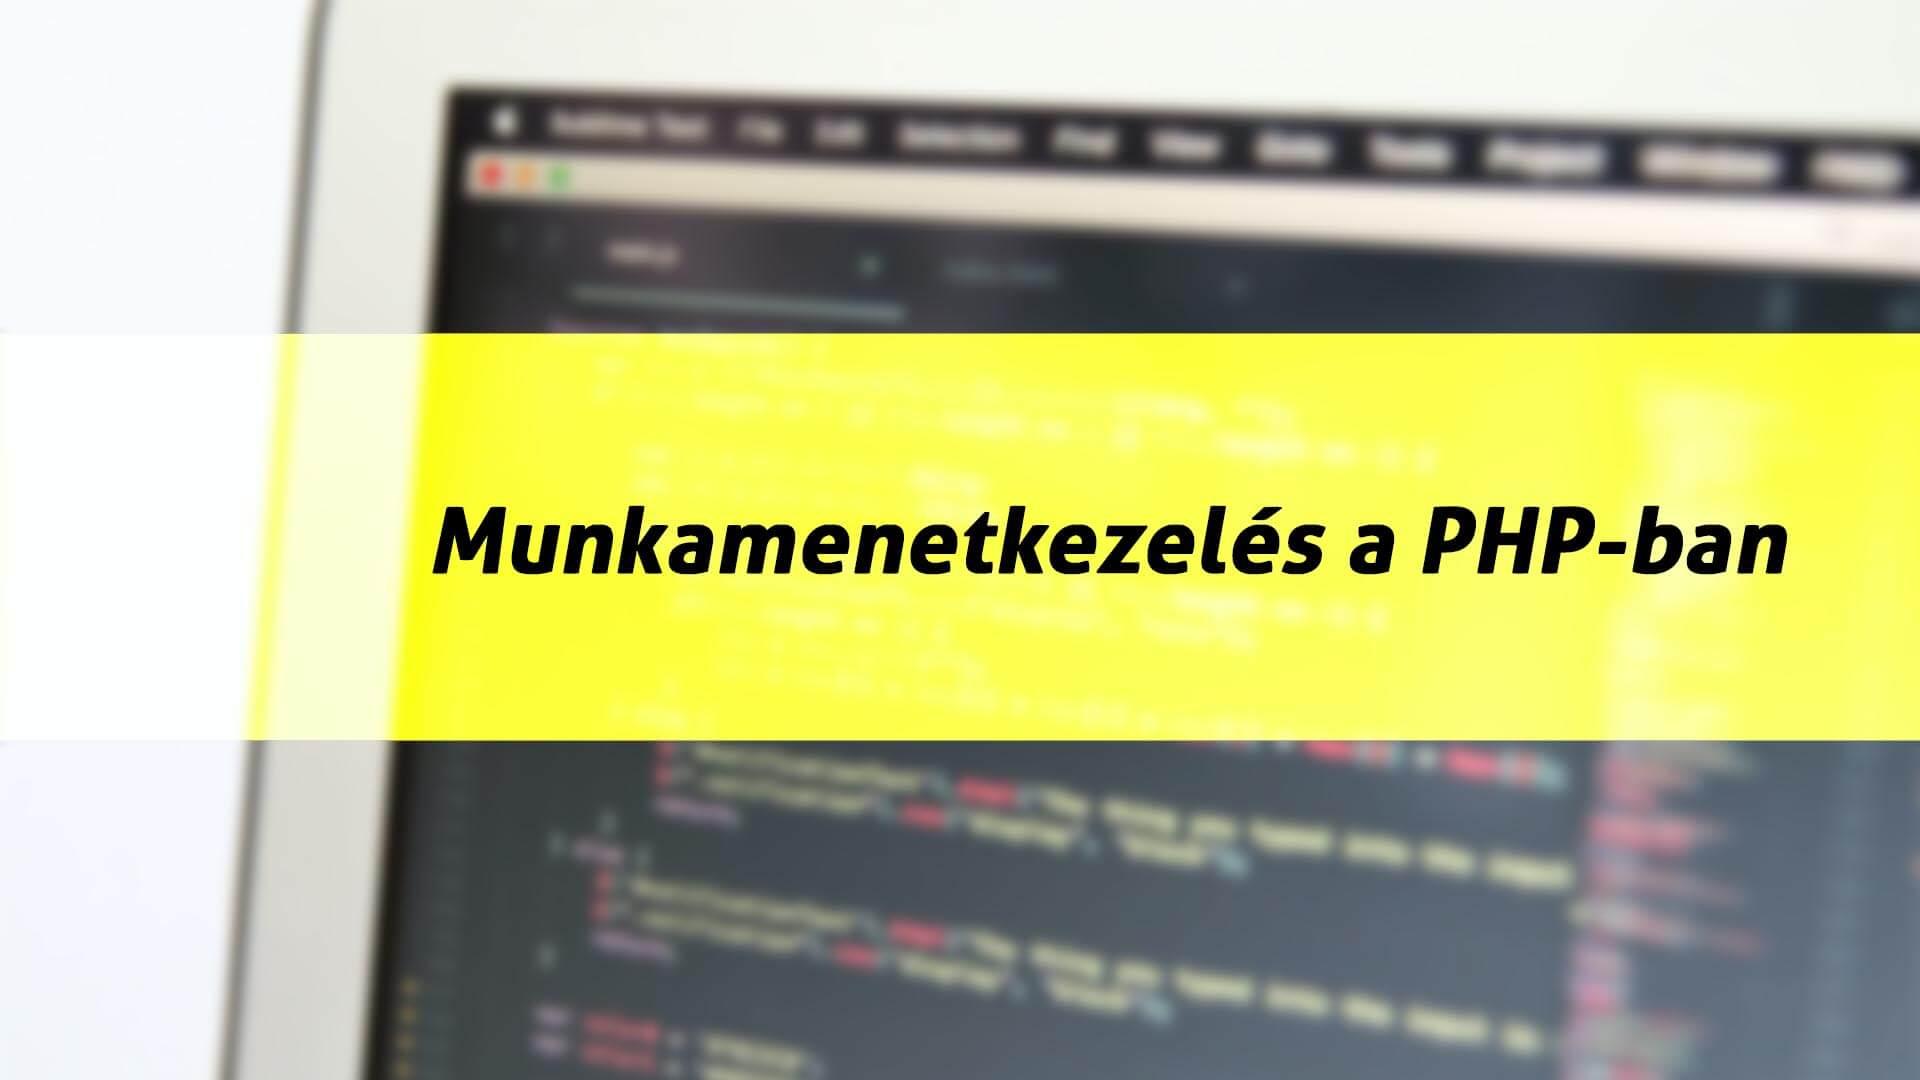 Session, azaz munkamenetkezelés PHP-ban (Munkamenet indítása, session változók létrehozása, munkamenet megszűntetése) című cikk borítóképe